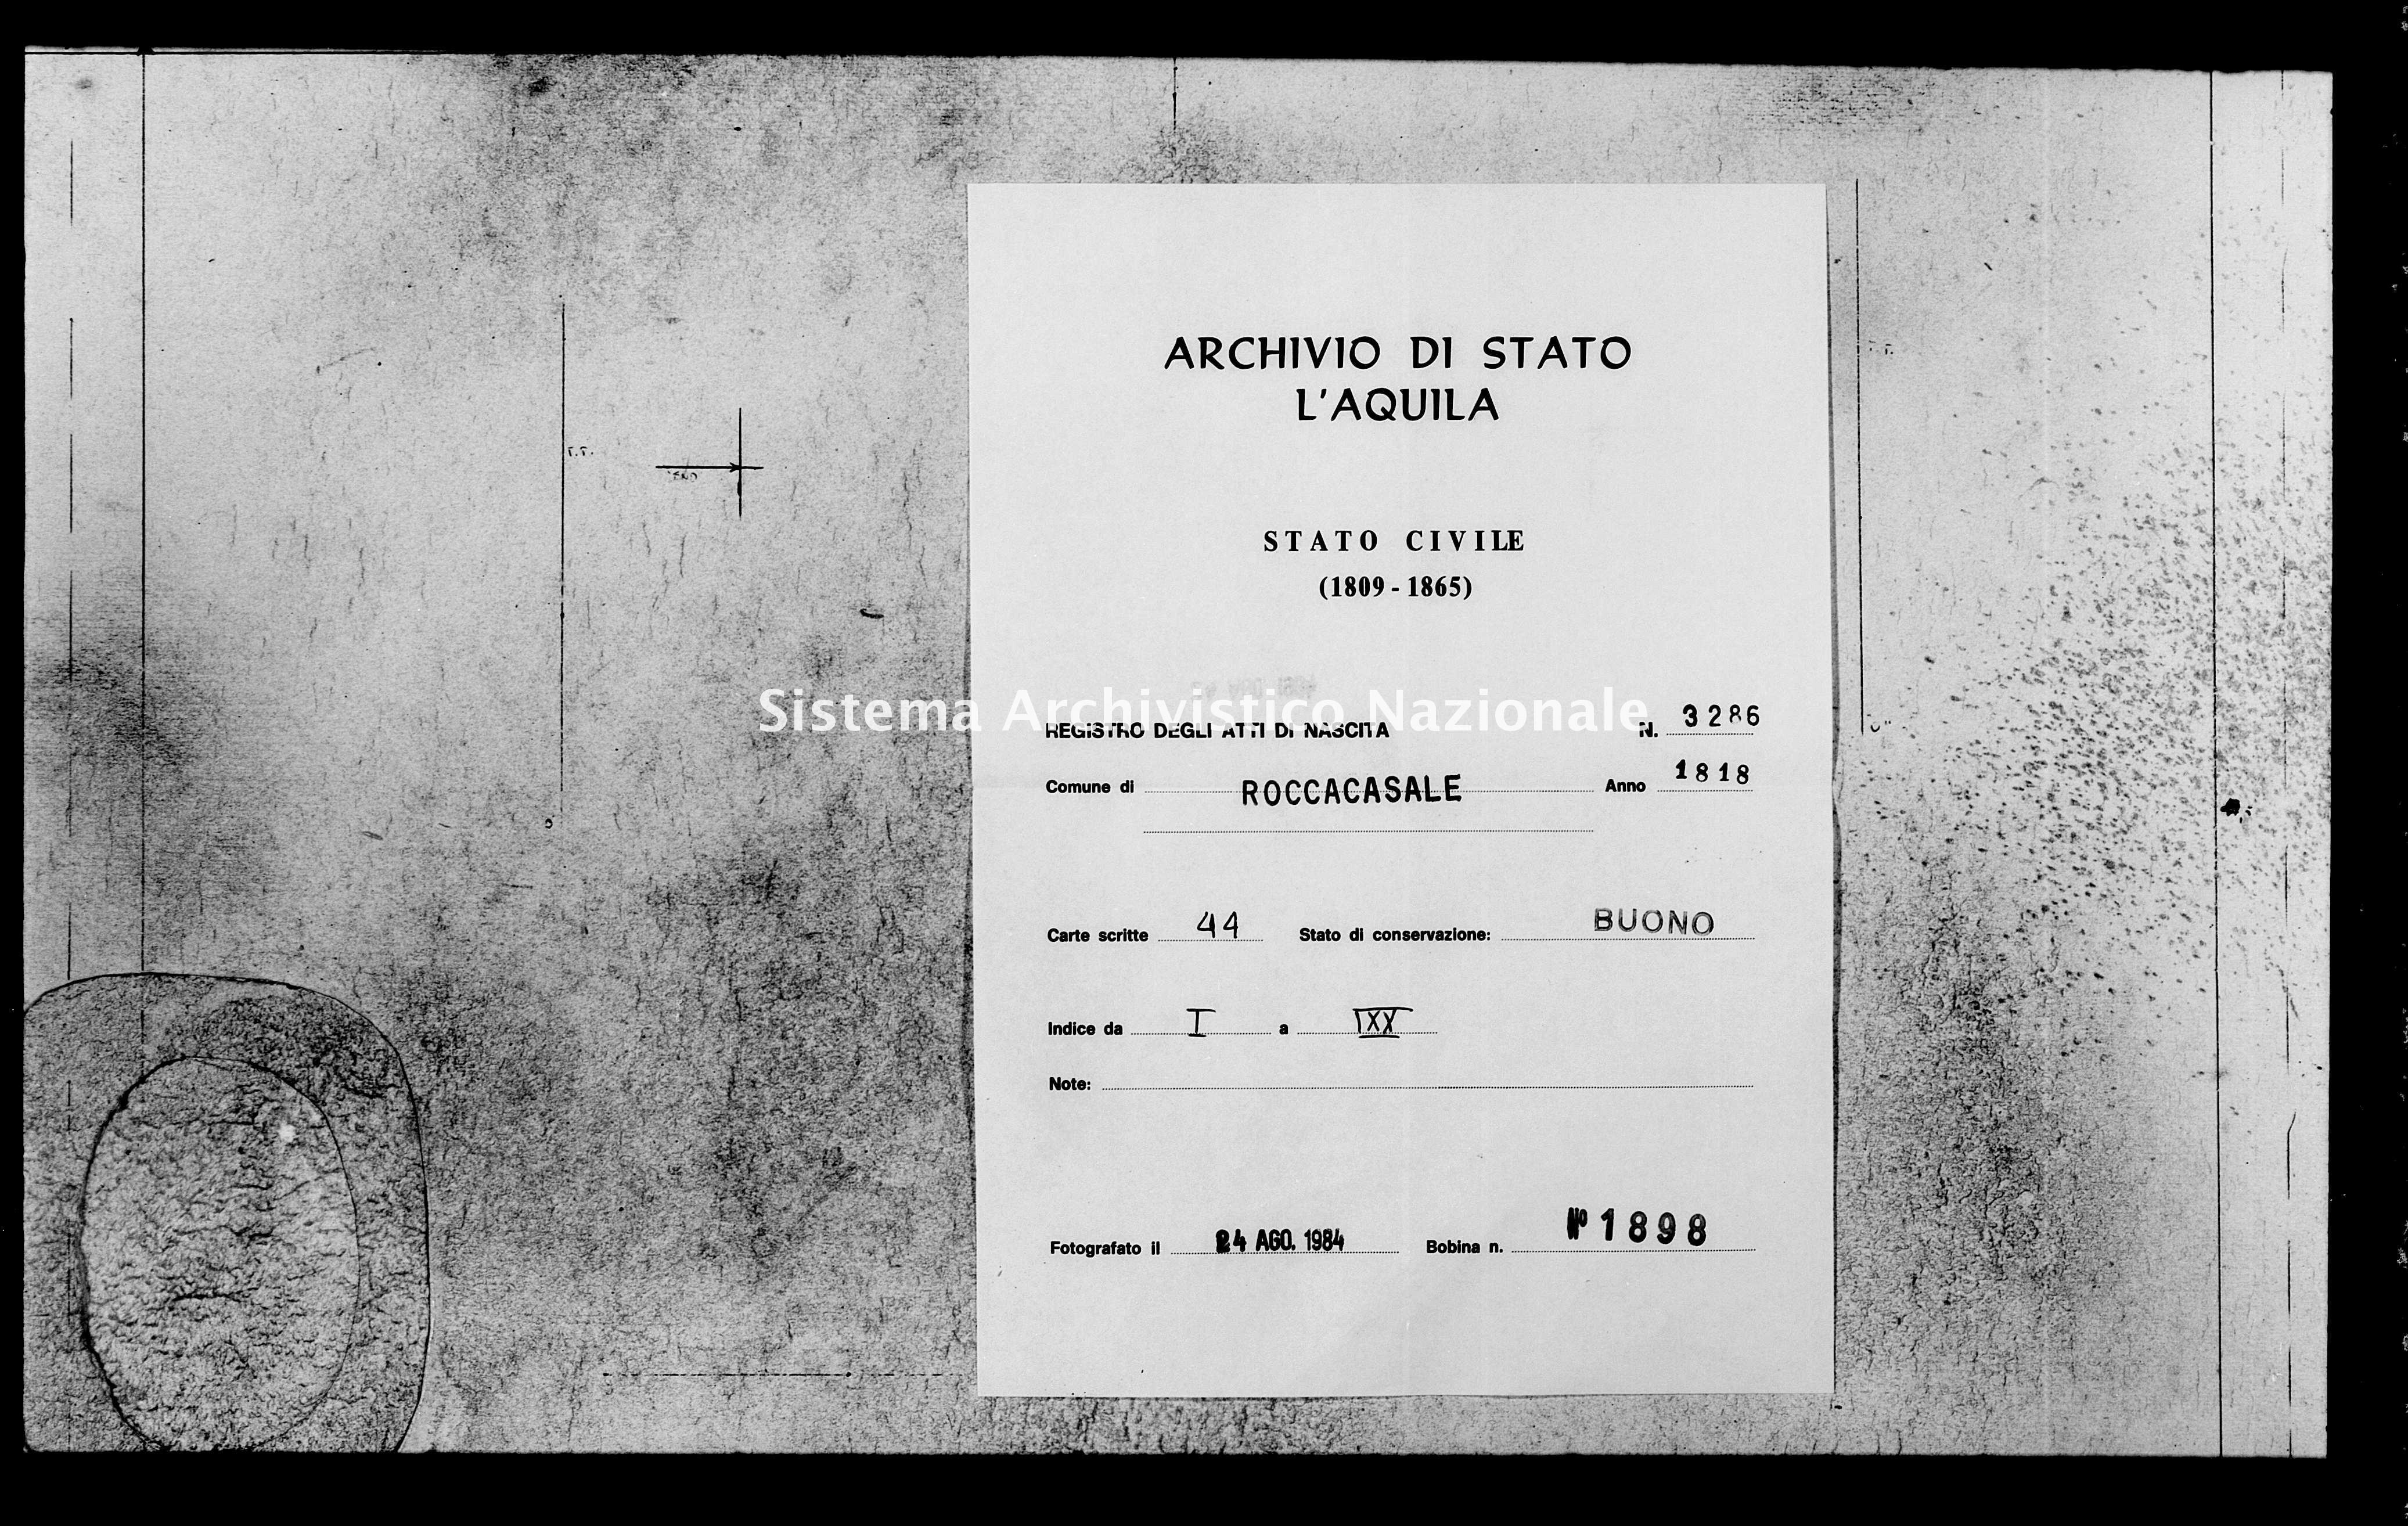 Archivio di stato di L'aquila - Stato civile della restaurazione - Roccacasale - Nati - 1818 - 3286 -